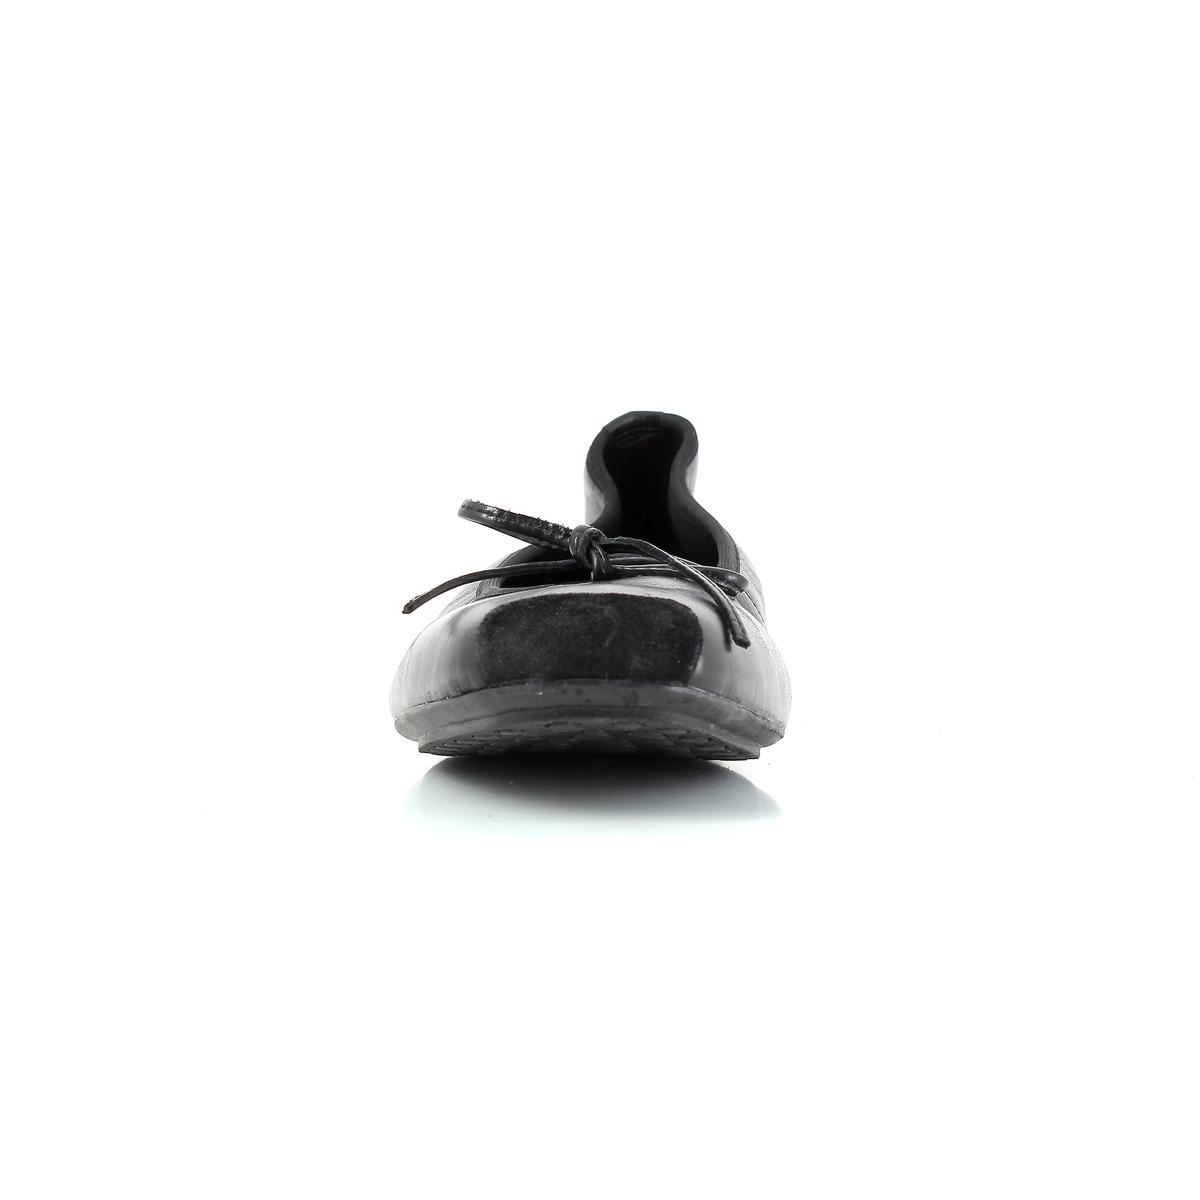 Балетки из кожи YORKПодкладка : текстиль.             Стелька : Кожа    Подошва : синтетический материал.                            Носок : Закругленный.        Застежка : Без застежки<br><br>Цвет: черный<br>Размер: 37